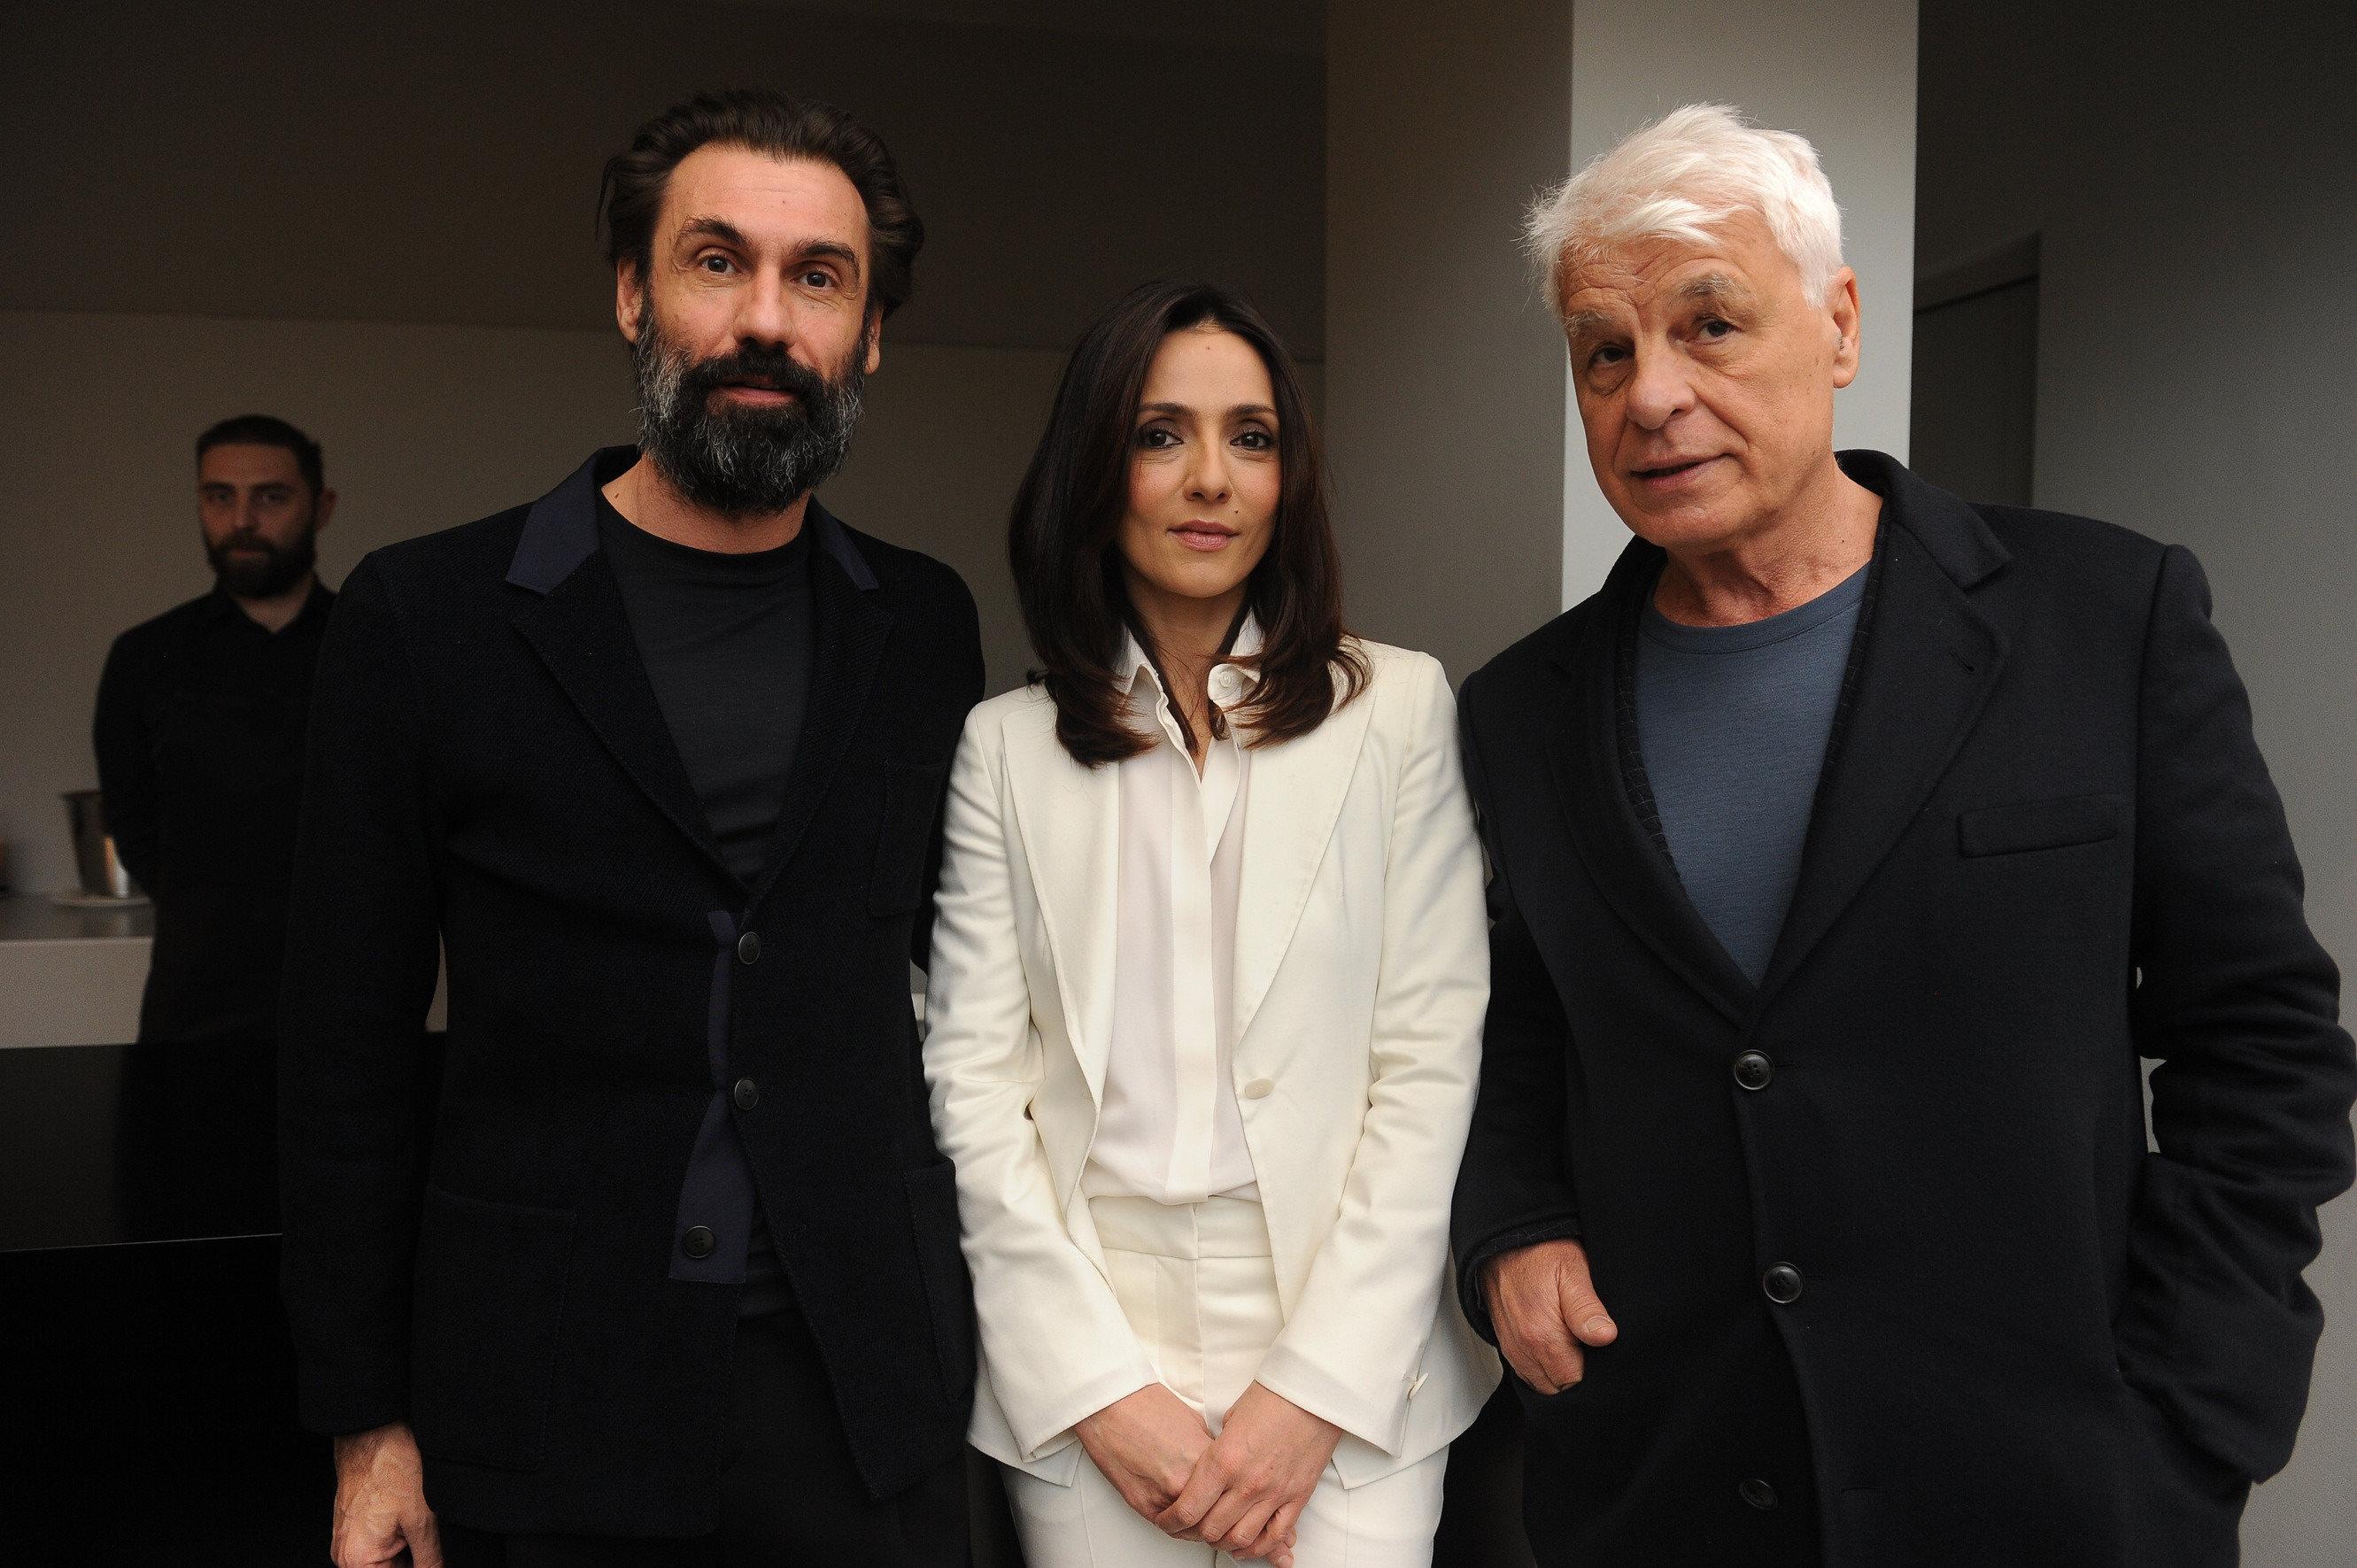 FABRIZIO GIFUNI, AMBRA ANGIOLINI E MICHELE PLACIDO - SGP